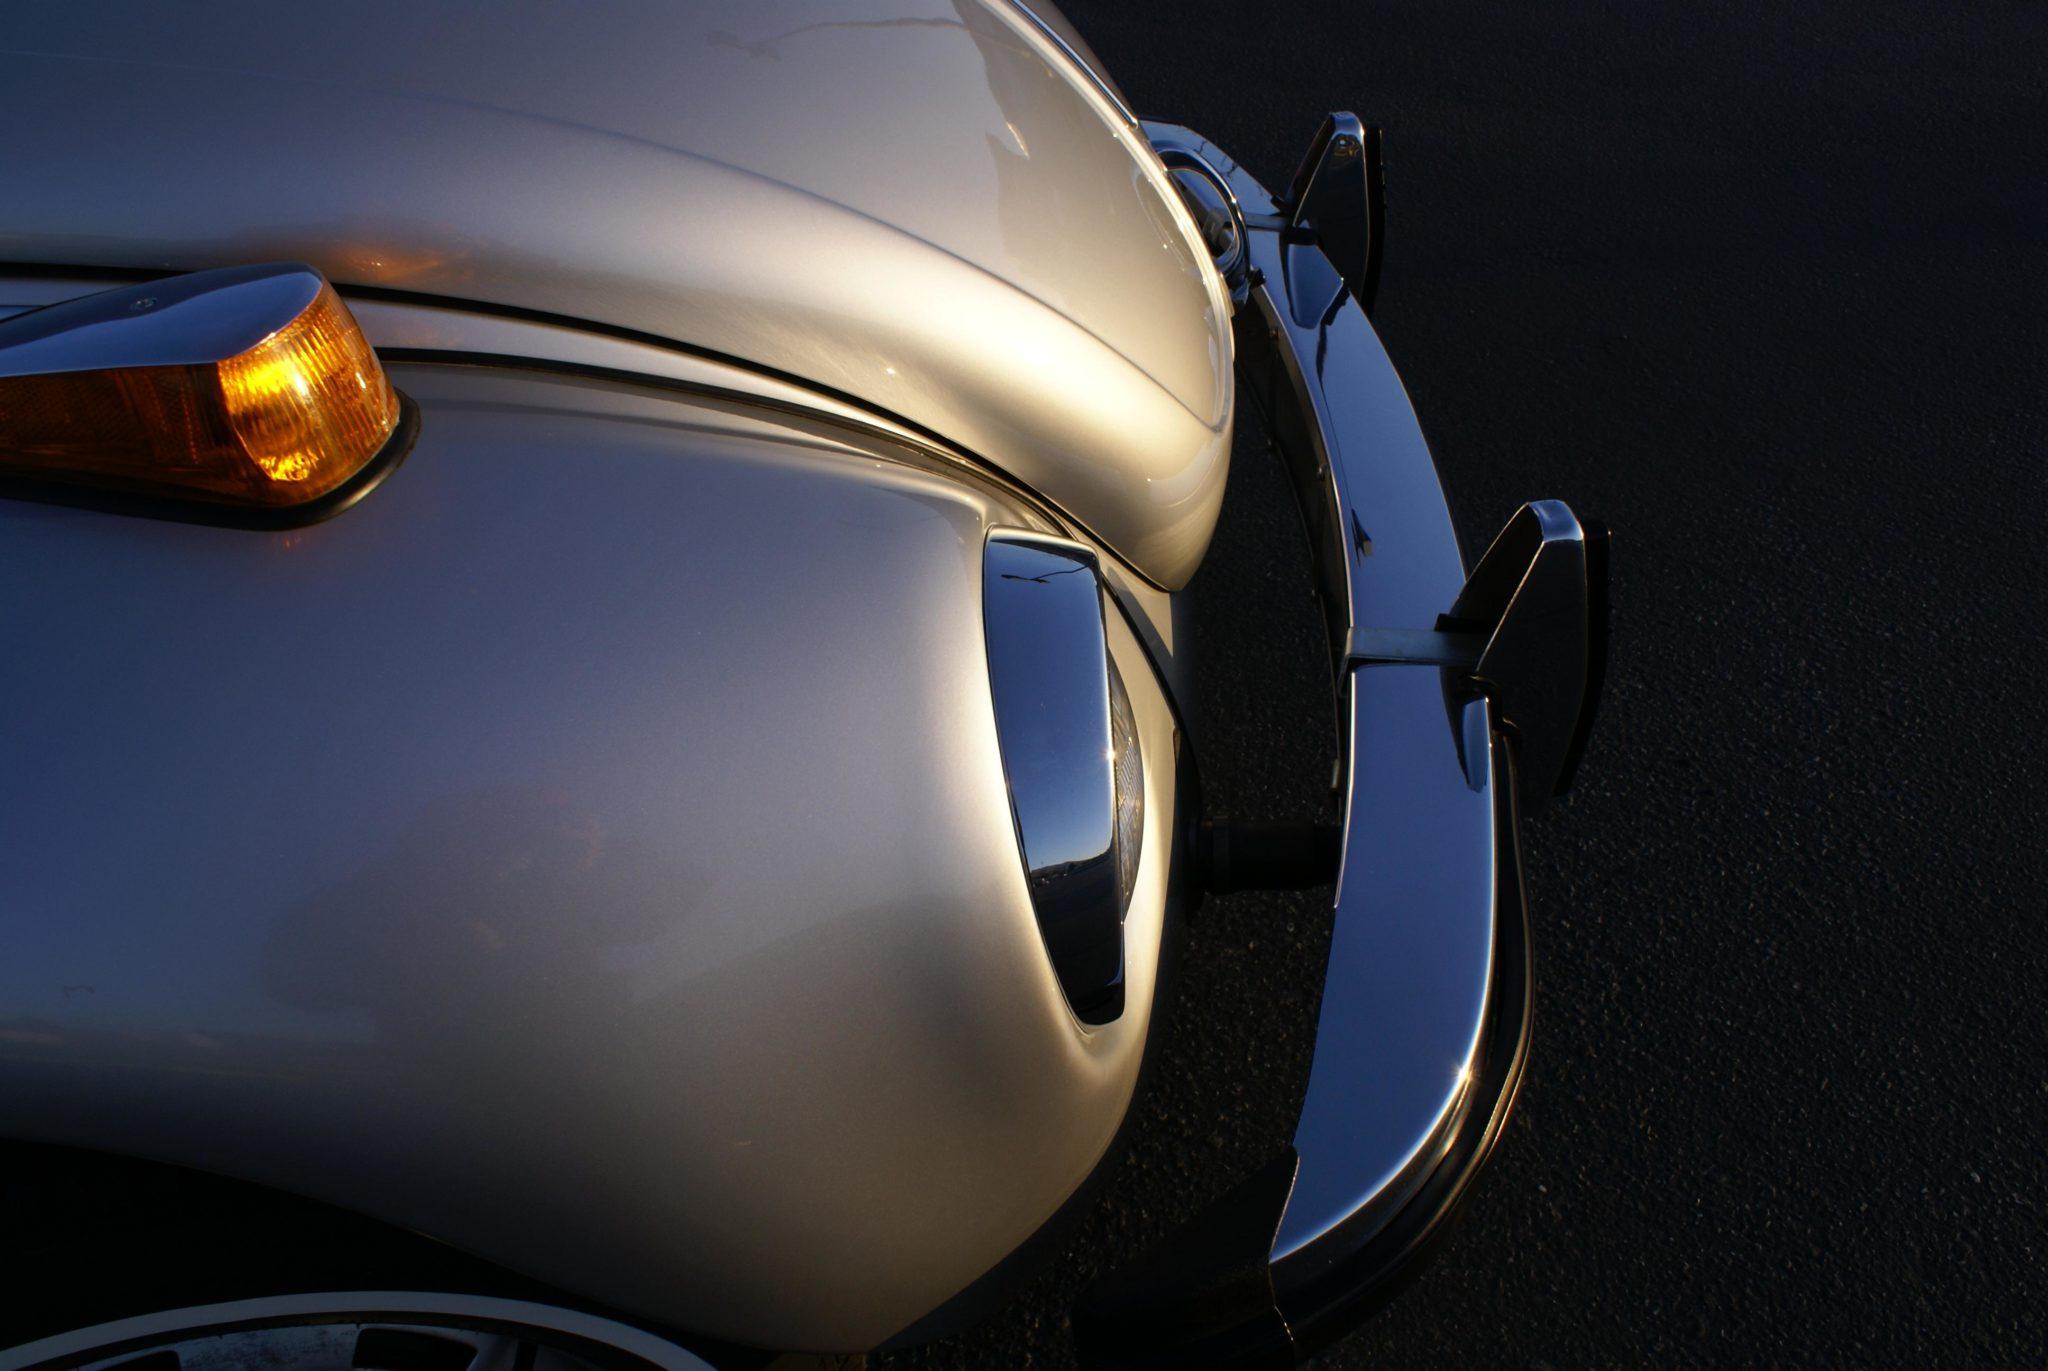 1979_volkswagen_super_beetle_cabriolet_15870719415ff3ef5edb259772020-04-08-19.04.12-scaled